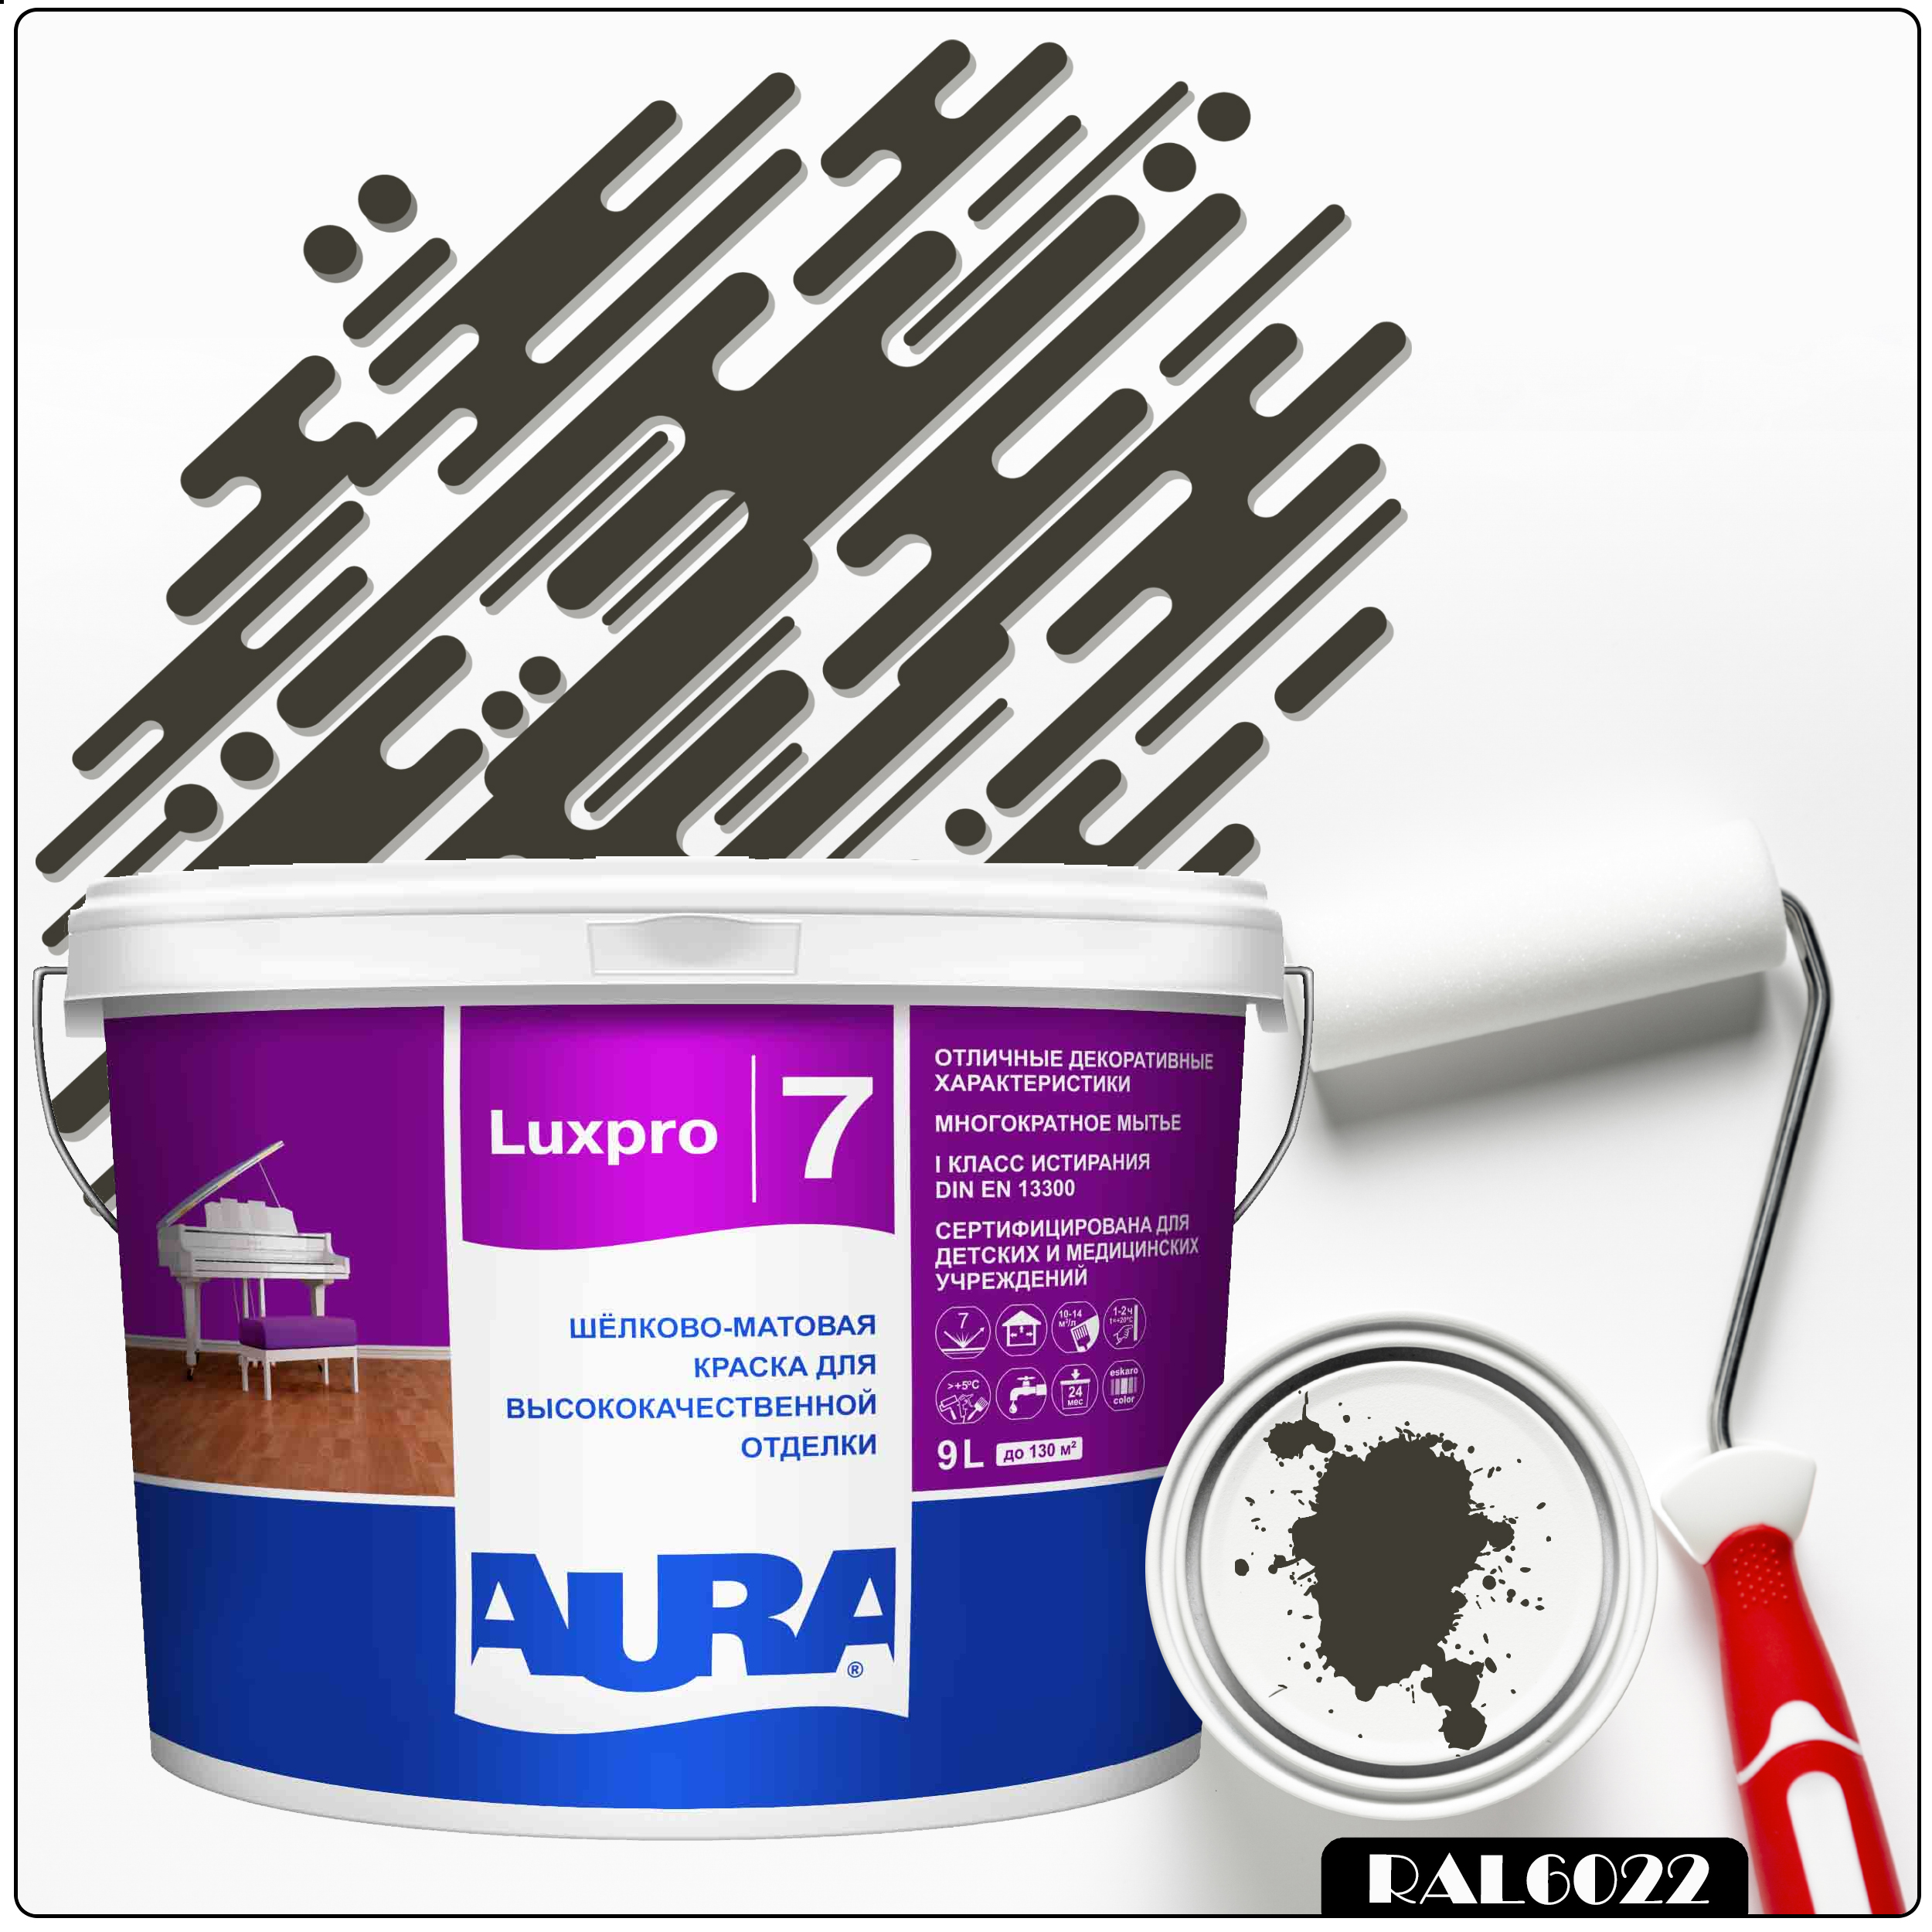 Фото 23 - Краска Aura LuxPRO 7, RAL 6022 Коричнево-оливковый, латексная, шелково-матовая, интерьерная, 9л, Аура.